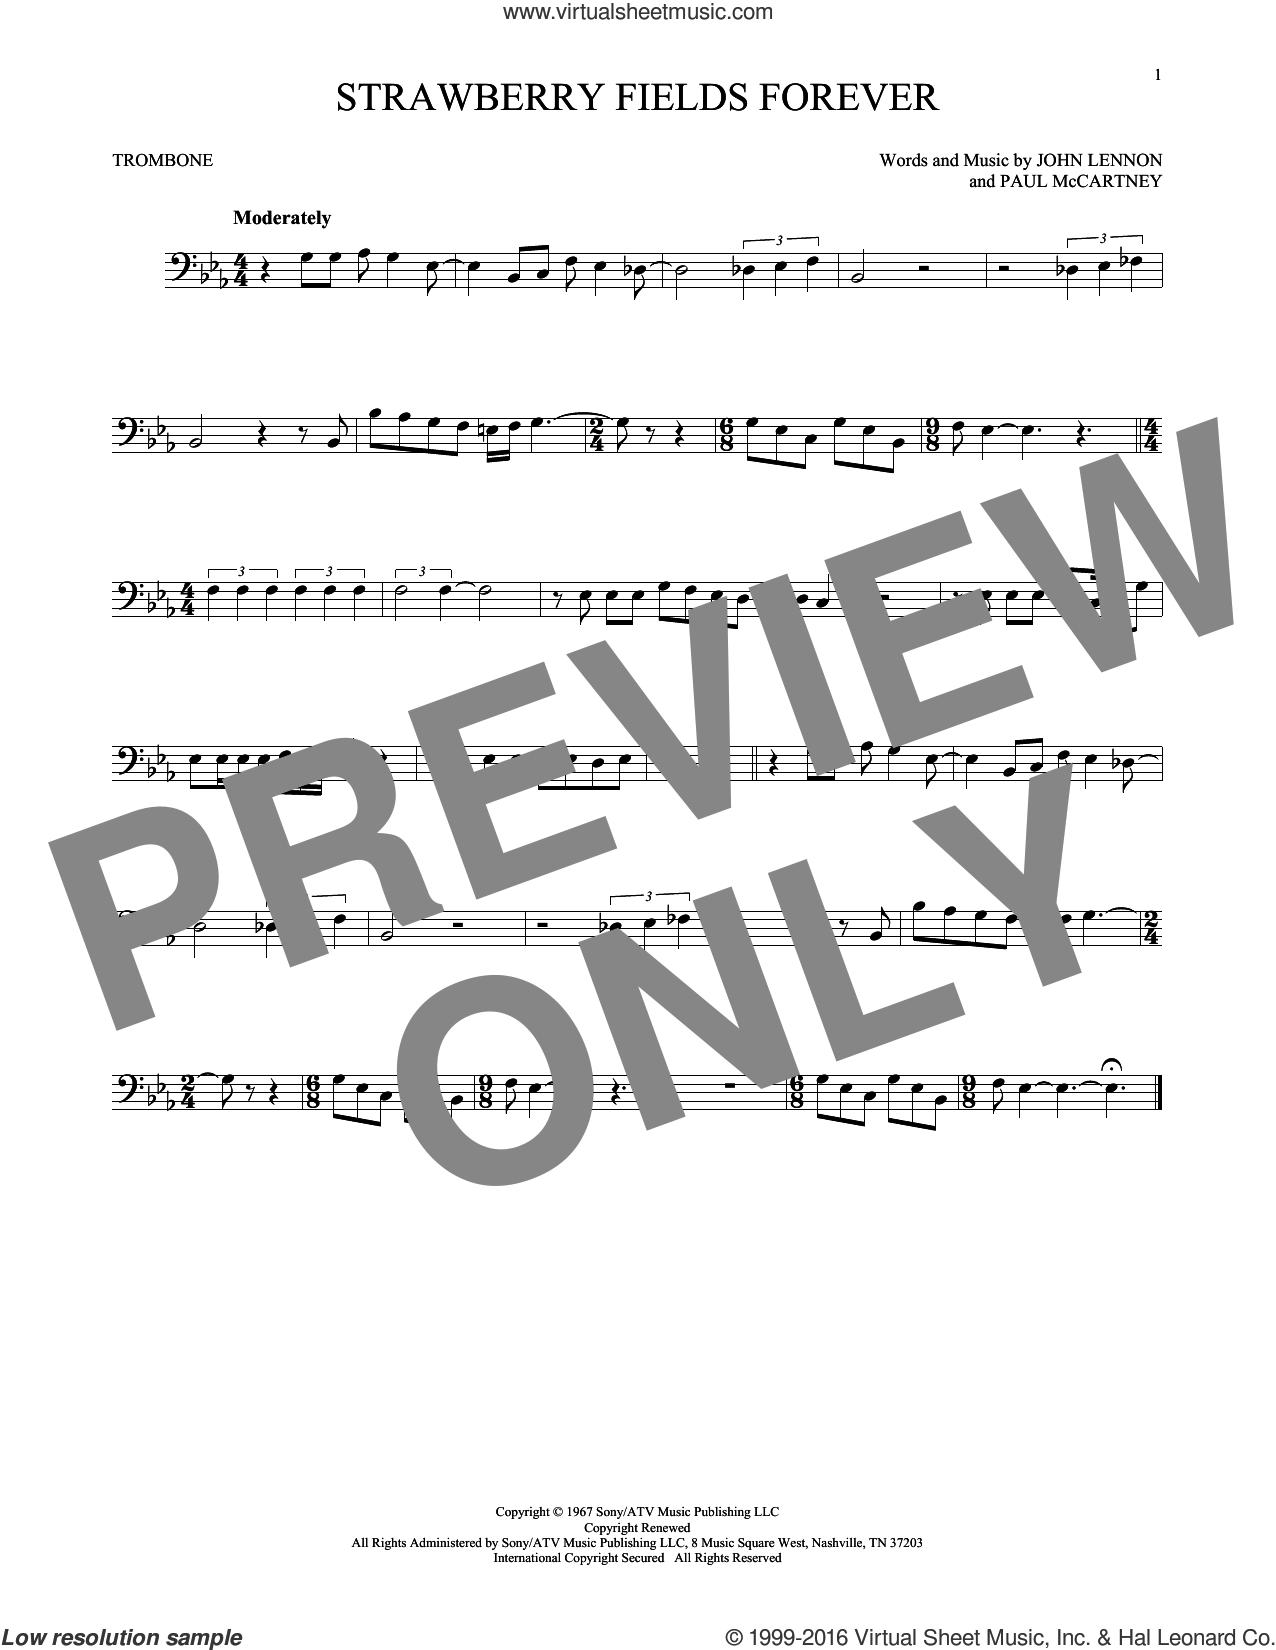 Strawberry Fields Forever sheet music for trombone solo by The Beatles, John Lennon and Paul McCartney, intermediate skill level